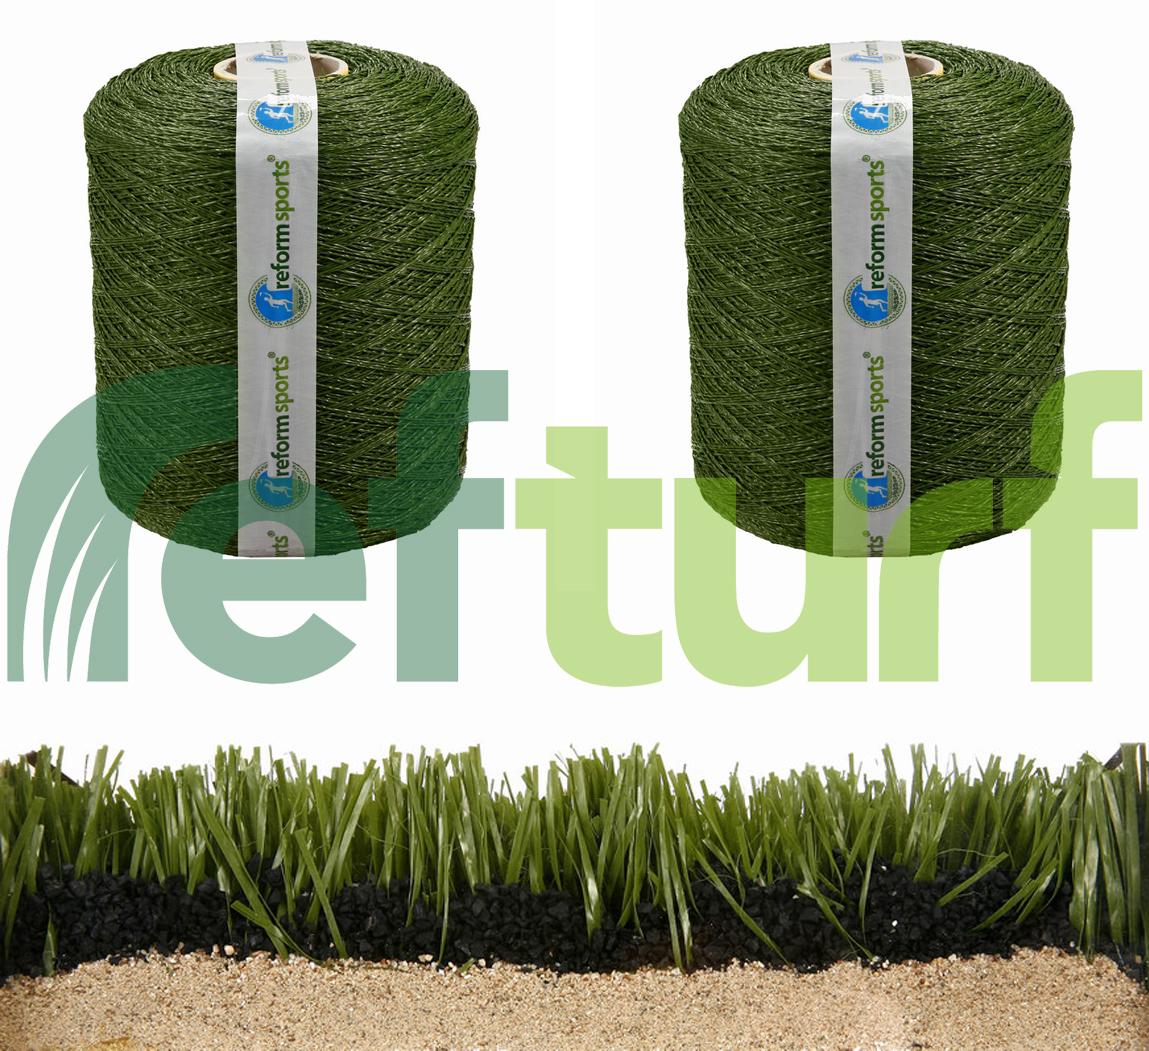 çim halı ipliği, iplik, halı saha ipliği, sentetik çim halı ipliği, reform iplik, reform halı,